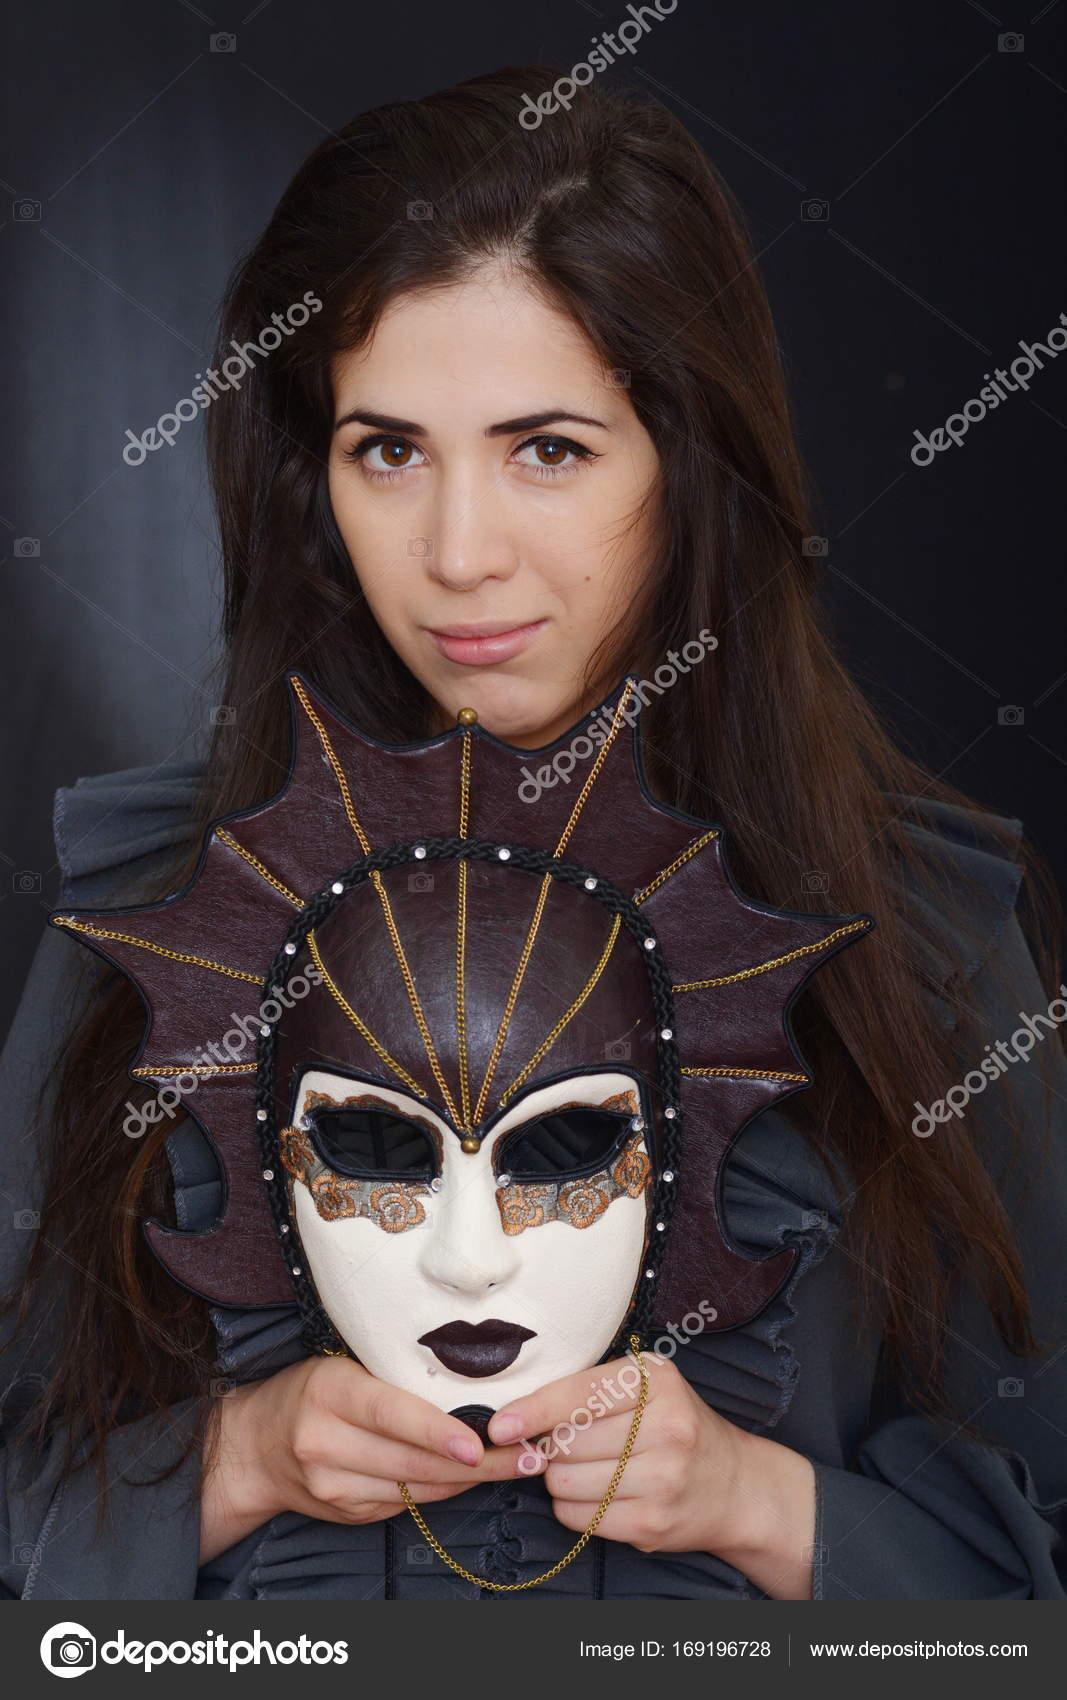 Фото девушки брюнетки в маске связывает